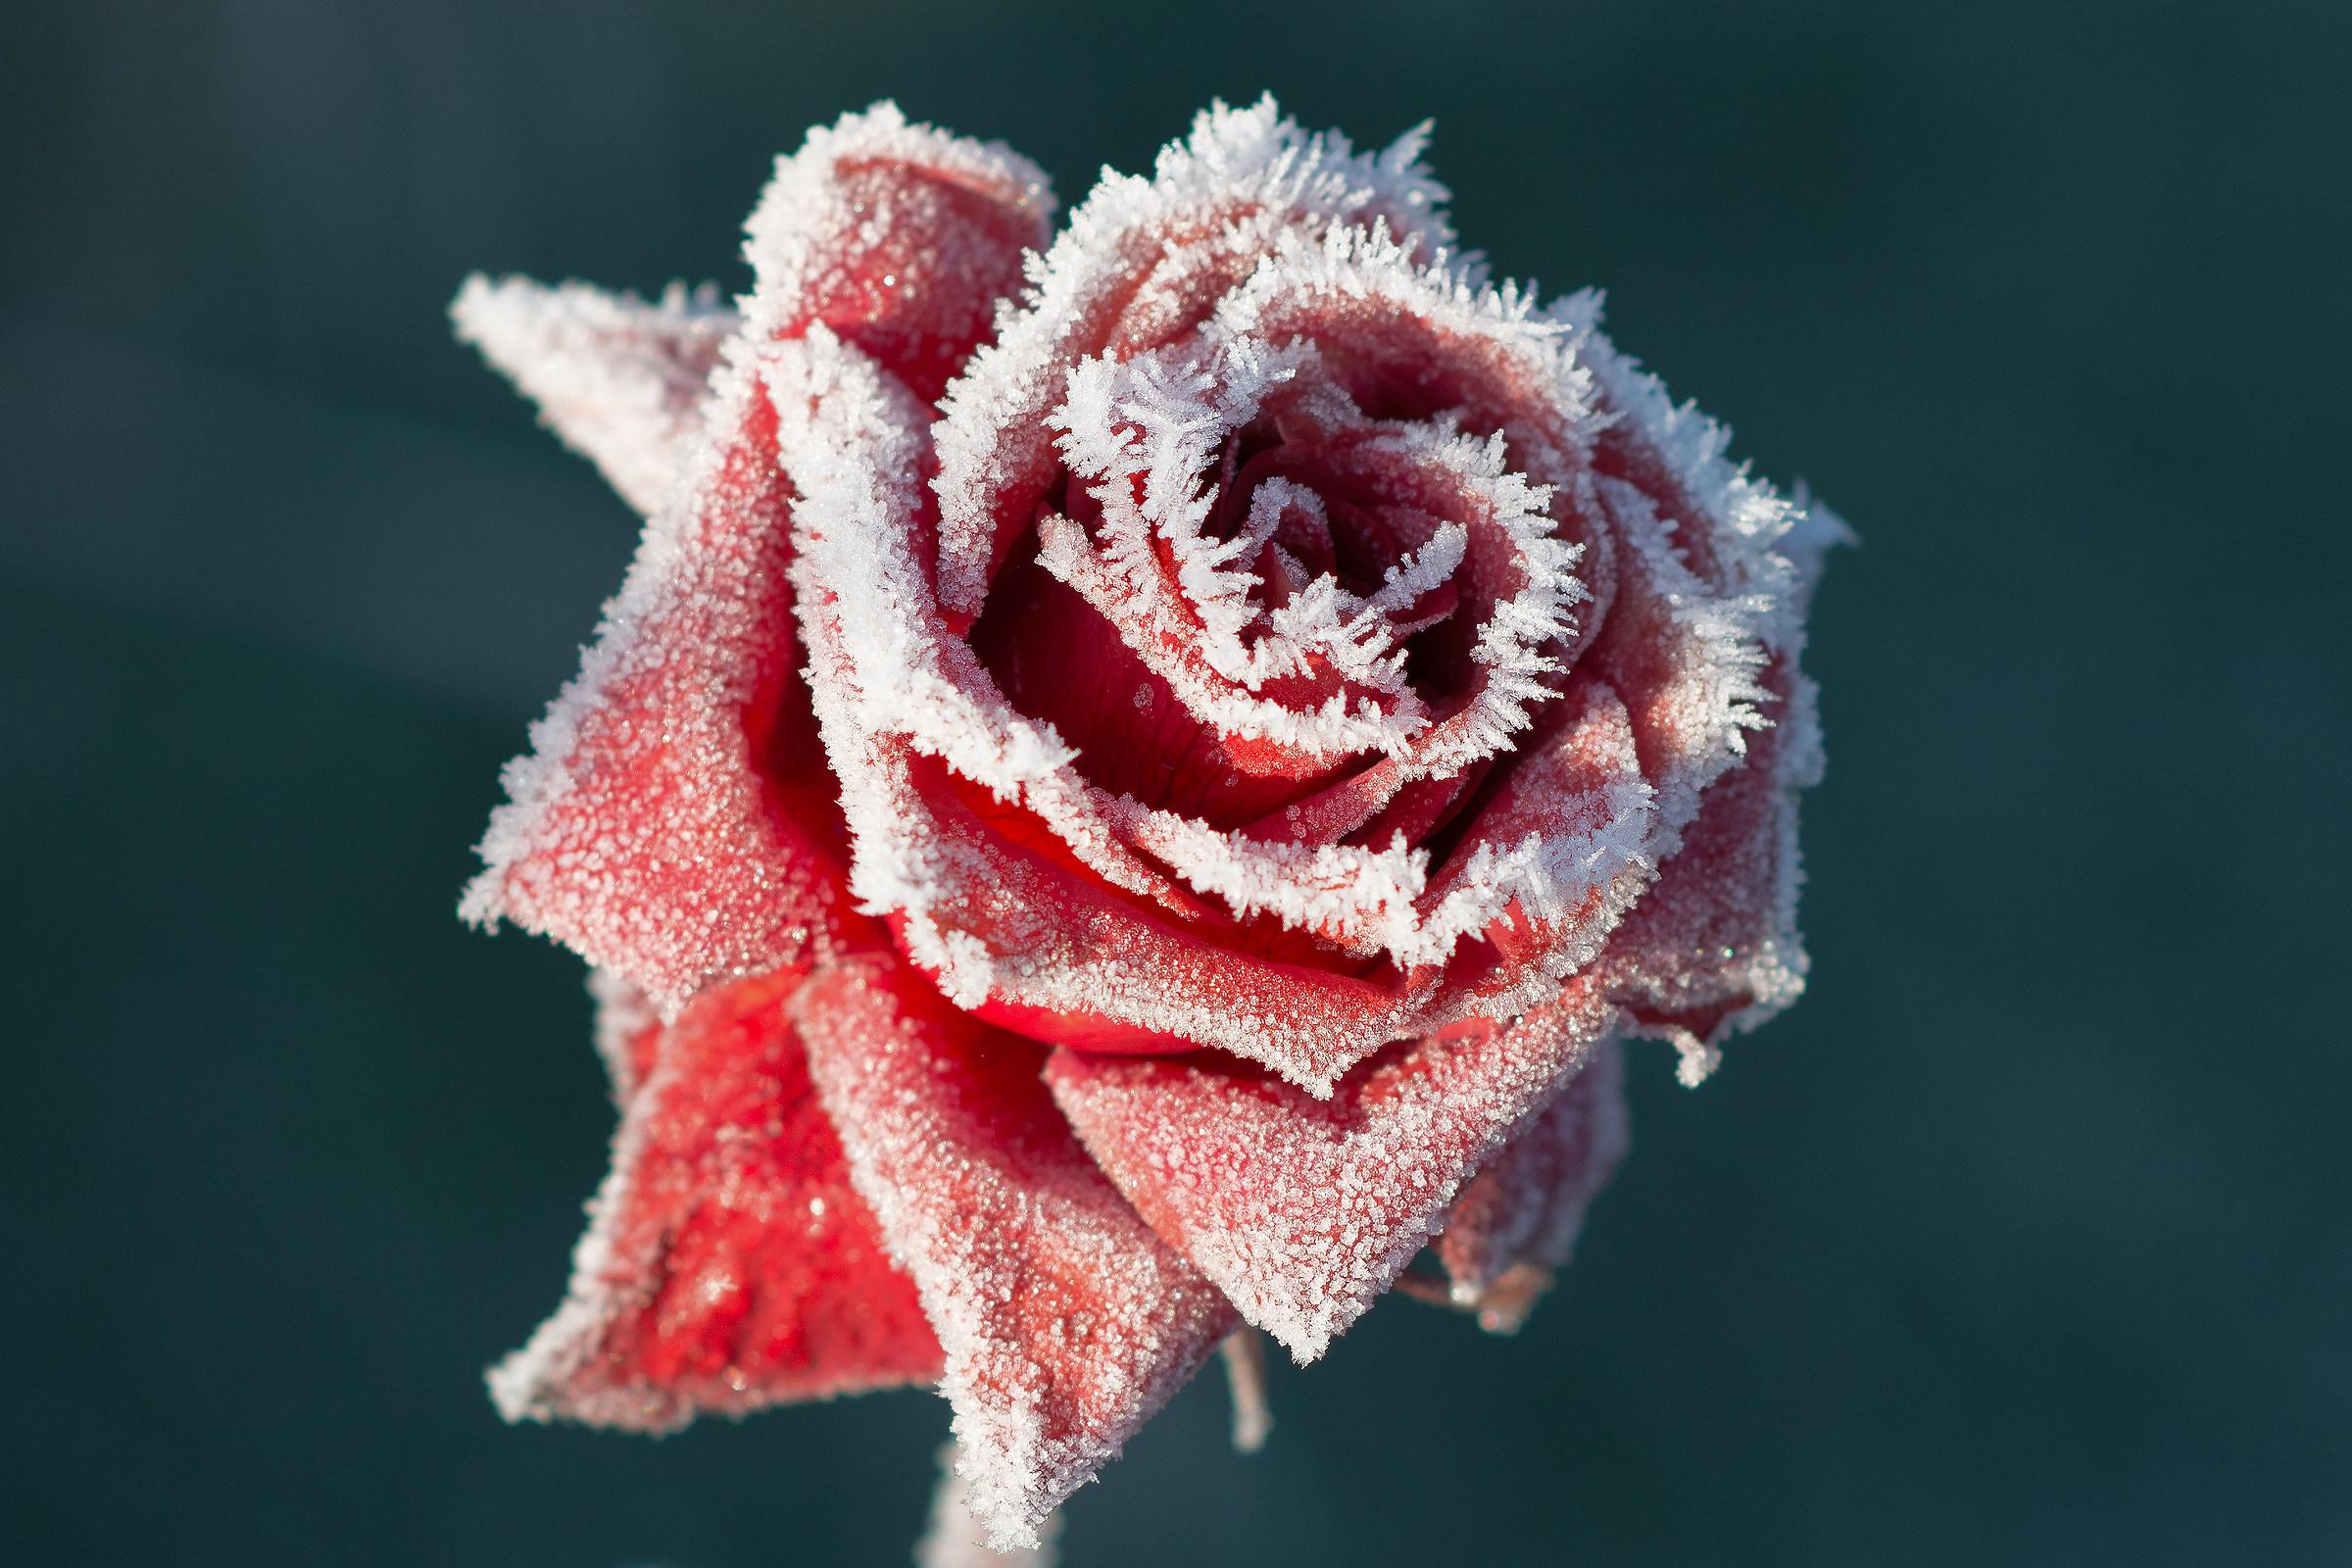 Rose in December...